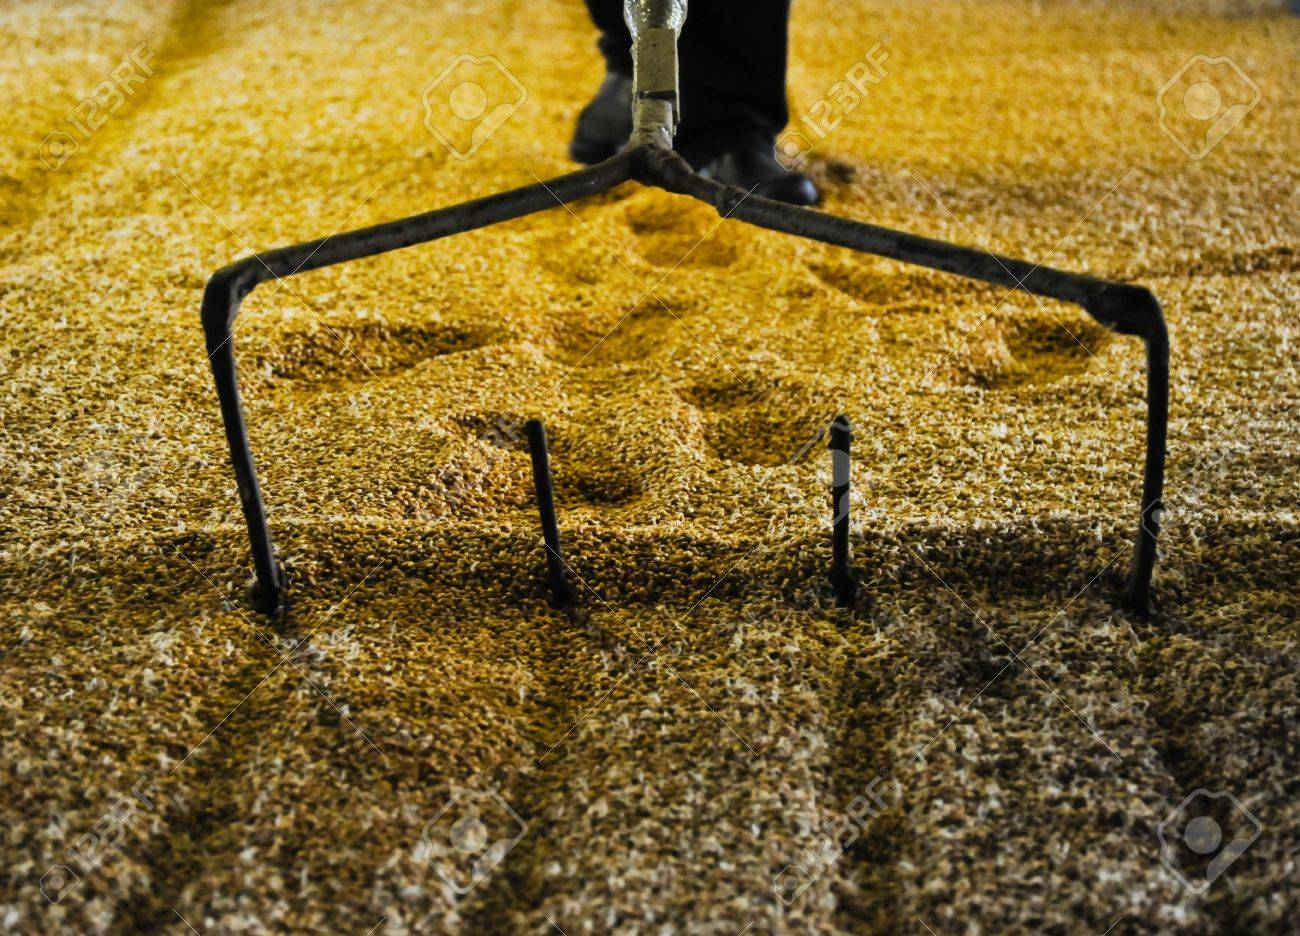 Raking malted barley - 5457201